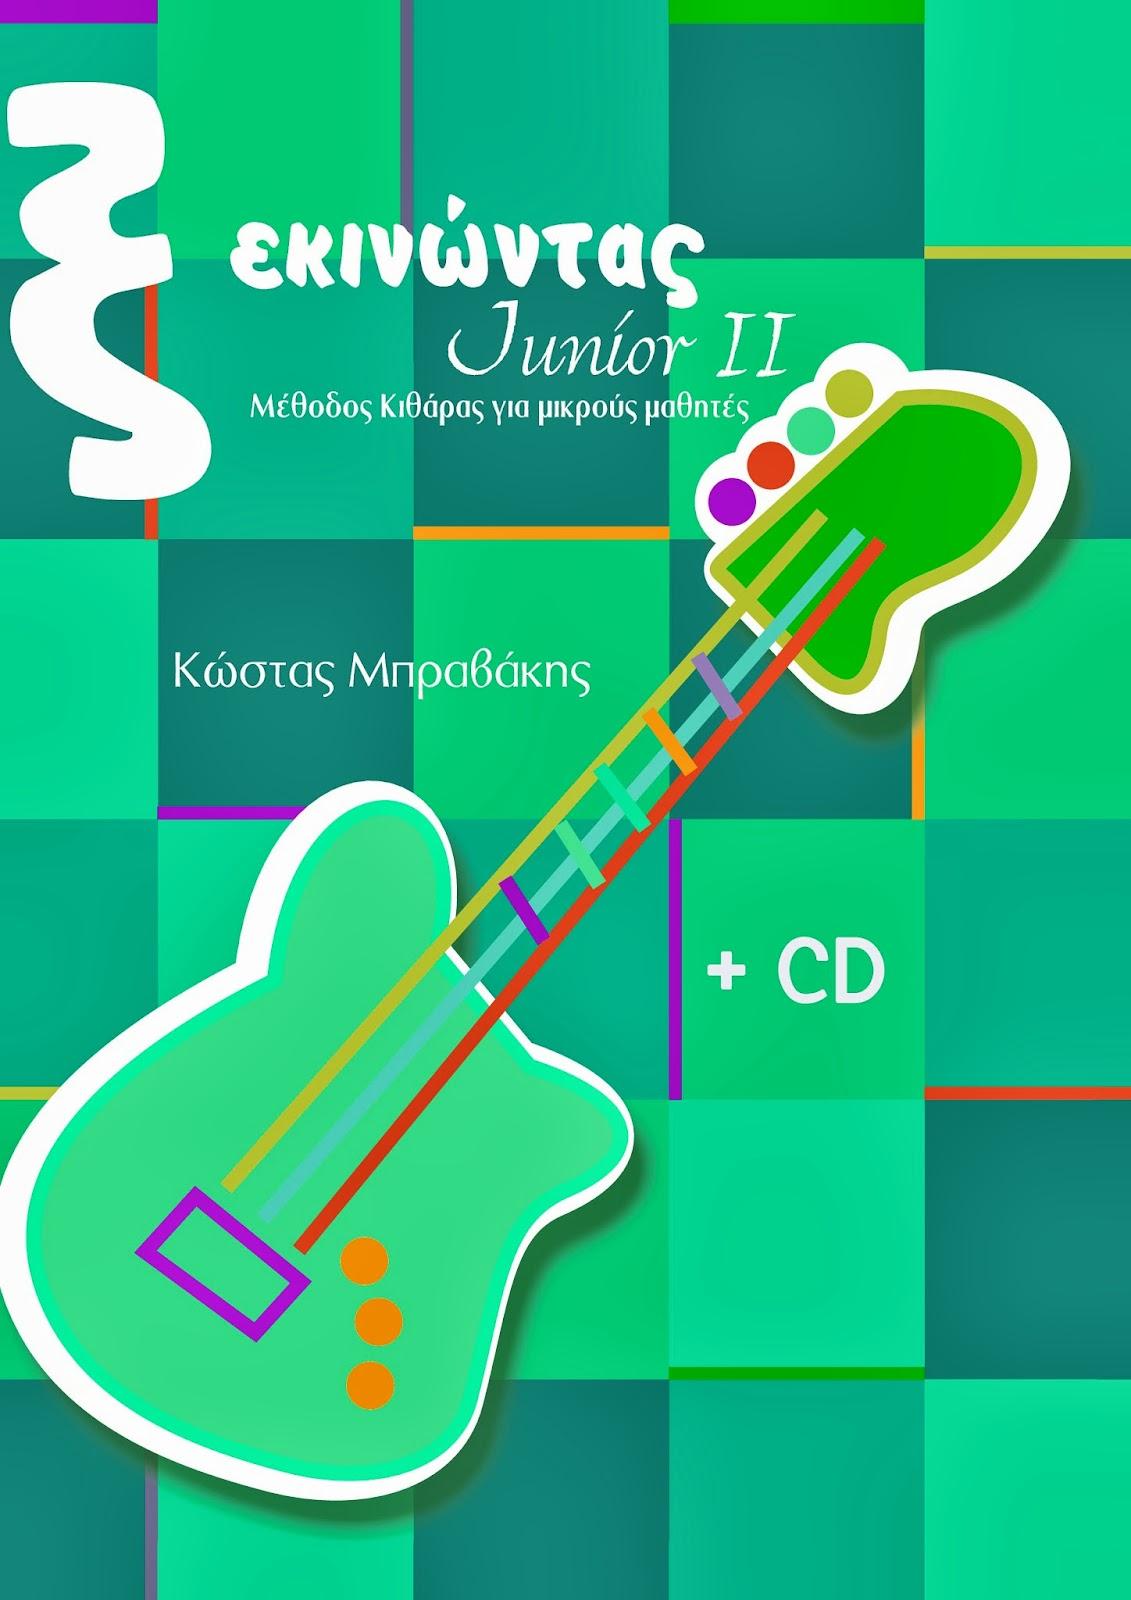 ξεκινώντας ΙΙ - μεθοδος κιθαρας